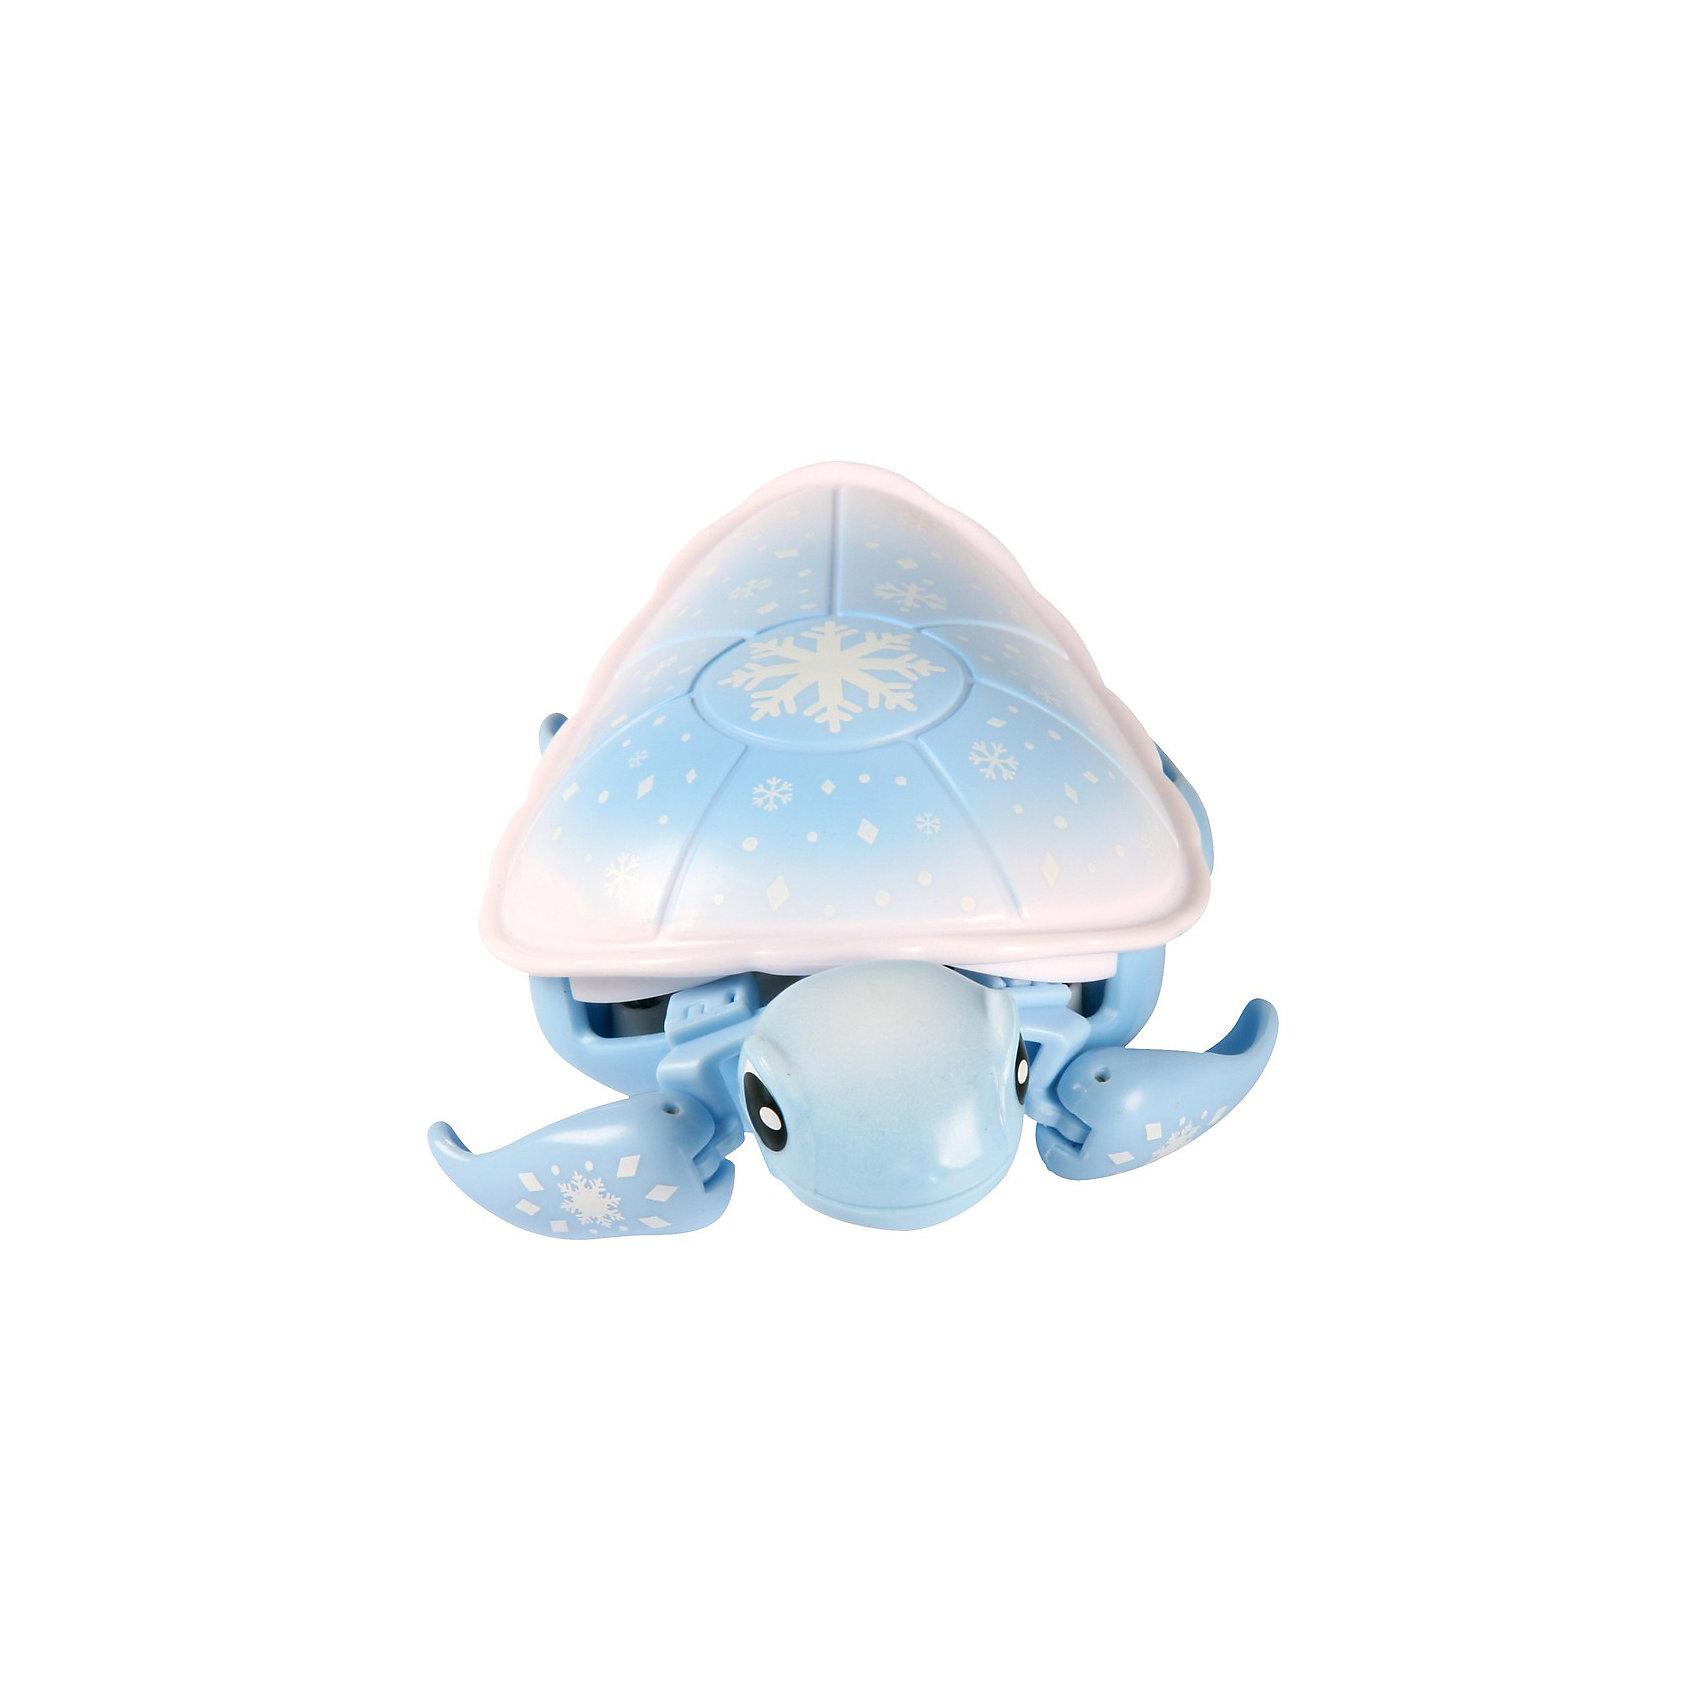 Интерактивная черепашка Powder, Little Live Pets, MooseИнтерактивная черепашка Powder, Little Live Pets, Moose  - оригинальная необычная игрушка, которая вызовет восторг у Вашего ребенка.<br>Интерактивная черепашка Powder от Moose  отлично ползает по суше, а еще лучше плавает в воде. Ребенок спокойно сможет играть с ней во время купания. При движении черепашка забавно передвигает лапками ластовидной формы и шевелит головой словно настоящая. У черепашки Powder голубые лапки, брюшко и голова. Панцирь черепашки, окрашенный в бело-голубой цвет, украшен перламутровыми снежинками разного размера и формы. У черепашки есть своя легенда и привычки. Она готова не вылезать из воды даже в зимние холода! Ну, разве только на поверхность айсберга… Игрушка выполнена из материала абсолютно безопасного для детского здоровья.<br><br>Дополнительная информация:<br><br>- Игрушка рекомендована для детей в возрасте от 5 лет<br>- Размер: 13 х 9 см.<br>- Материал: пластик<br>- Цвет: белый, голубой<br>- Батарейка: 1 типа ААА (в комплект не входит)<br><br>Интерактивную черепашку Powder, Little Live Pets, Moose  можно купить в нашем интернет-магазине.<br><br>Ширина мм: 221<br>Глубина мм: 182<br>Высота мм: 58<br>Вес г: 137<br>Возраст от месяцев: 60<br>Возраст до месяцев: 108<br>Пол: Унисекс<br>Возраст: Детский<br>SKU: 4324815